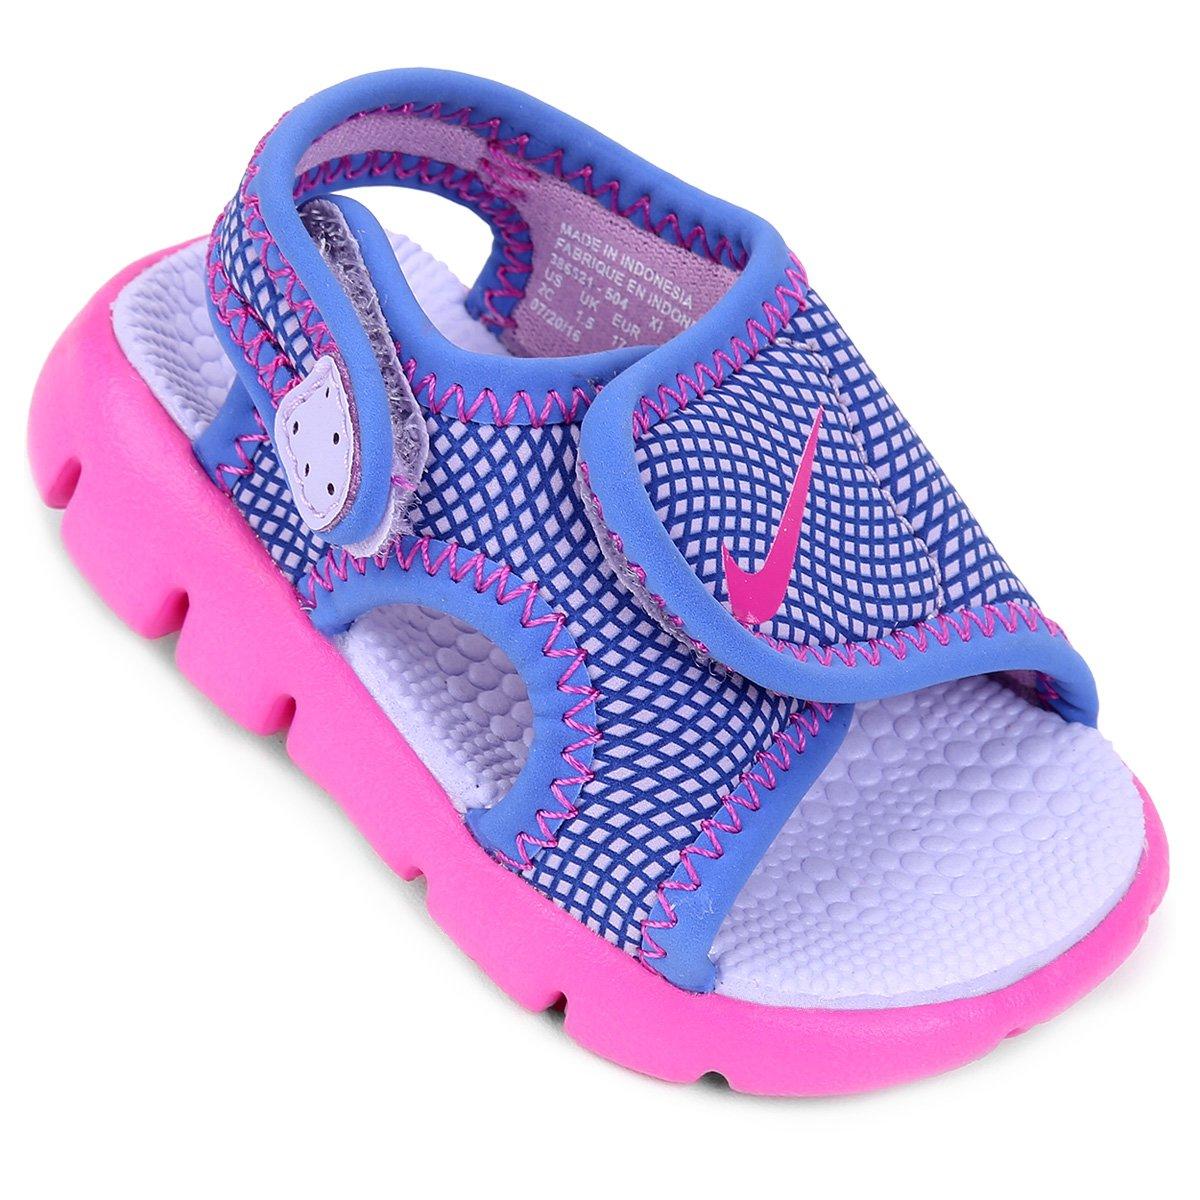 1a6139af0218f Sandália Nike Sunray Adjust 4 Infantil | Livelo -Sua Vida com Mais ...